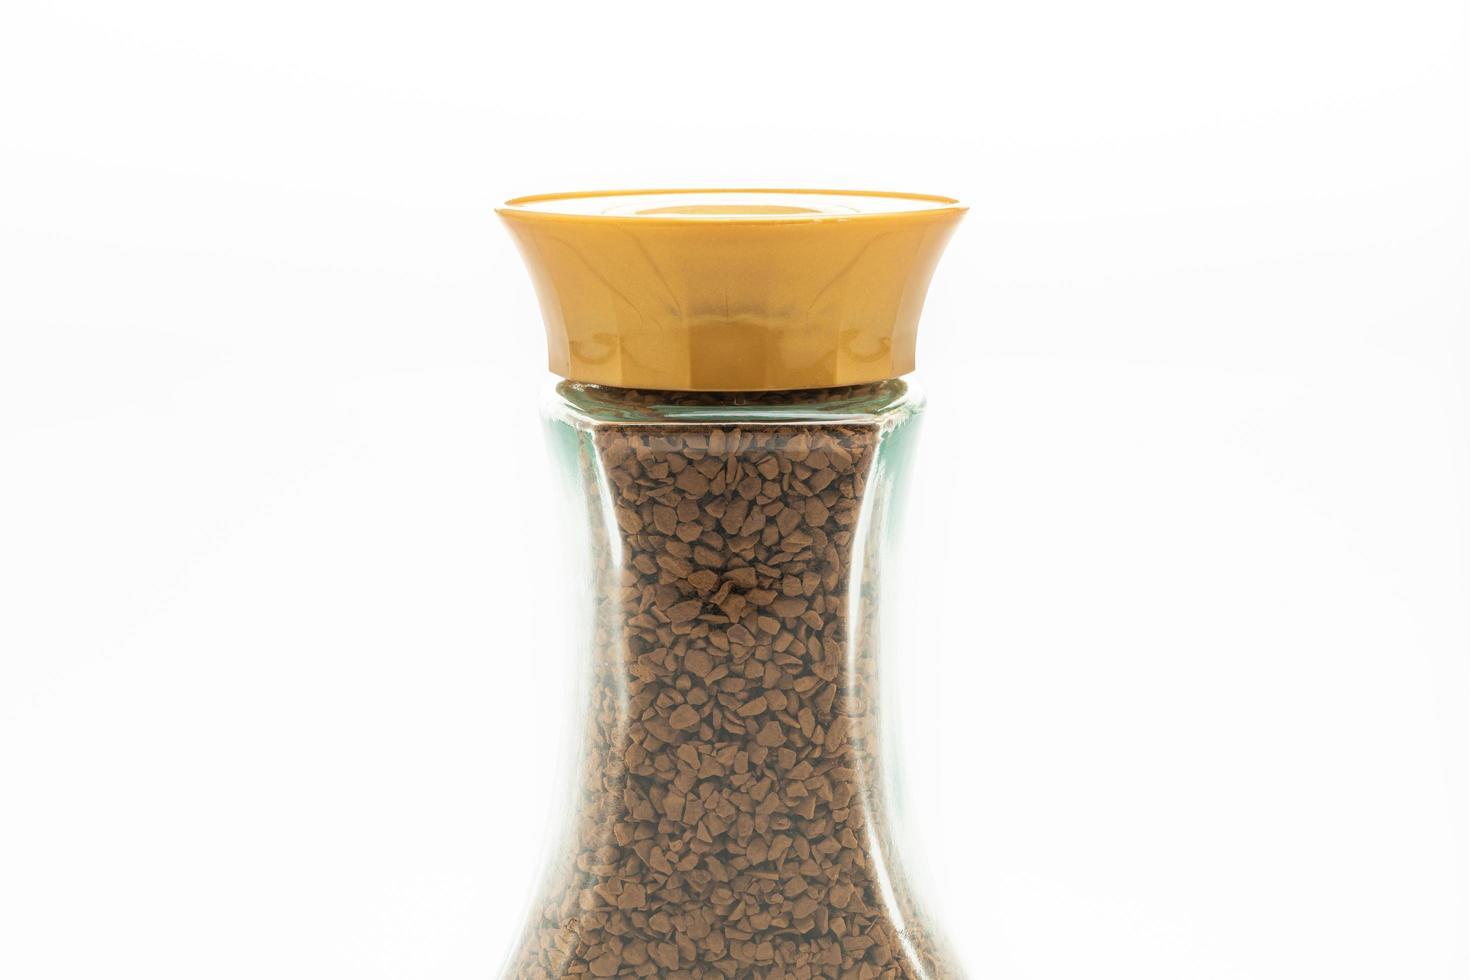 café instantané en bouteille de verre photo